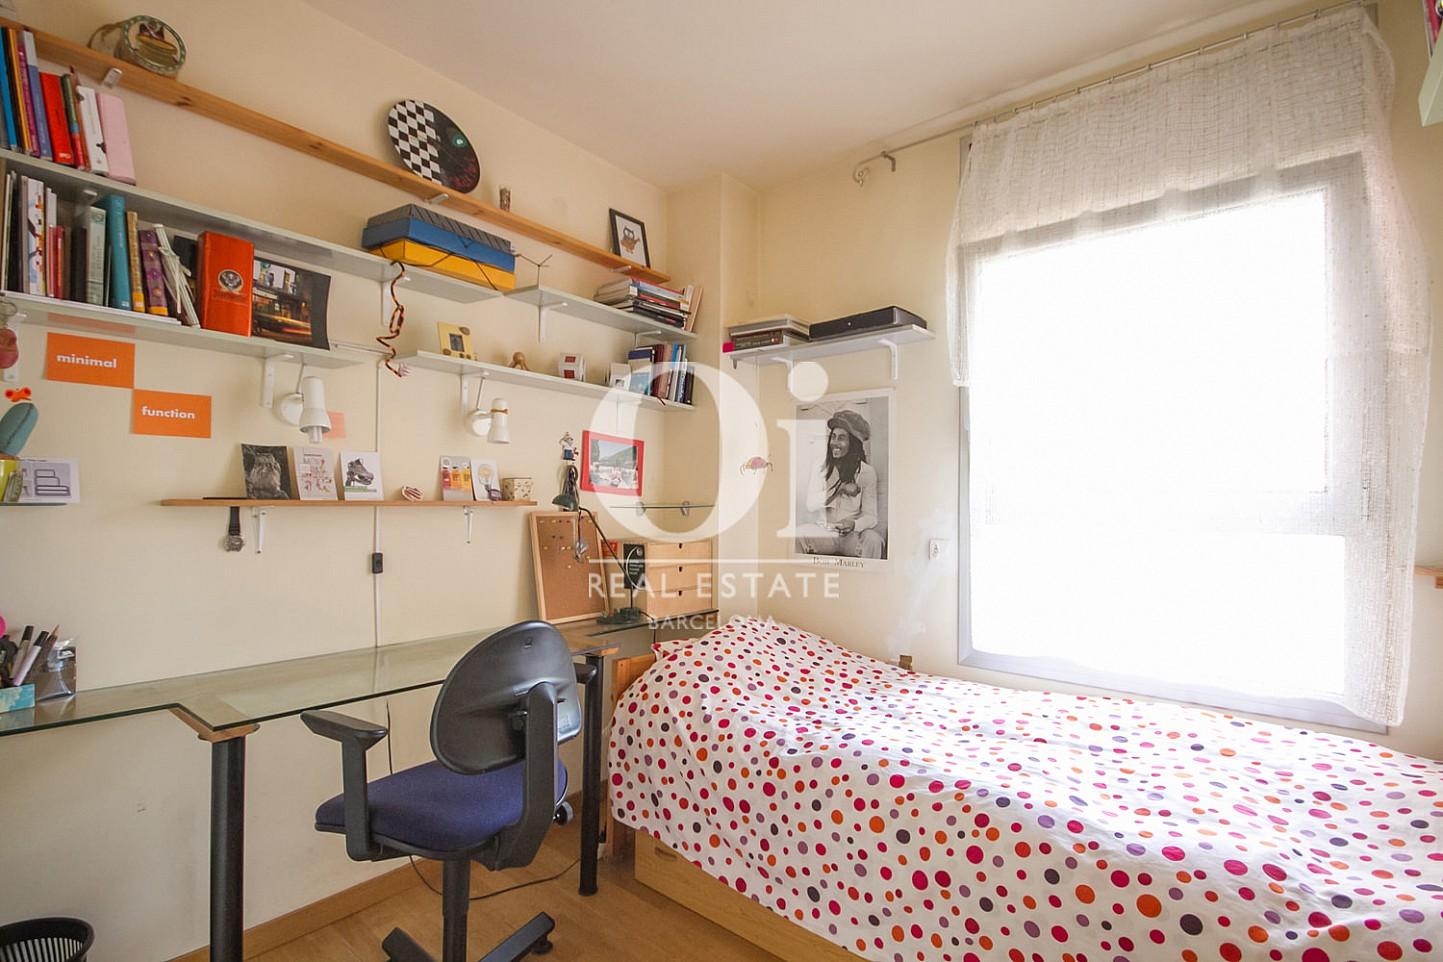 Вид светлой спальни в удивительной квартире на продажу в ройоне Побленоу, Барселона